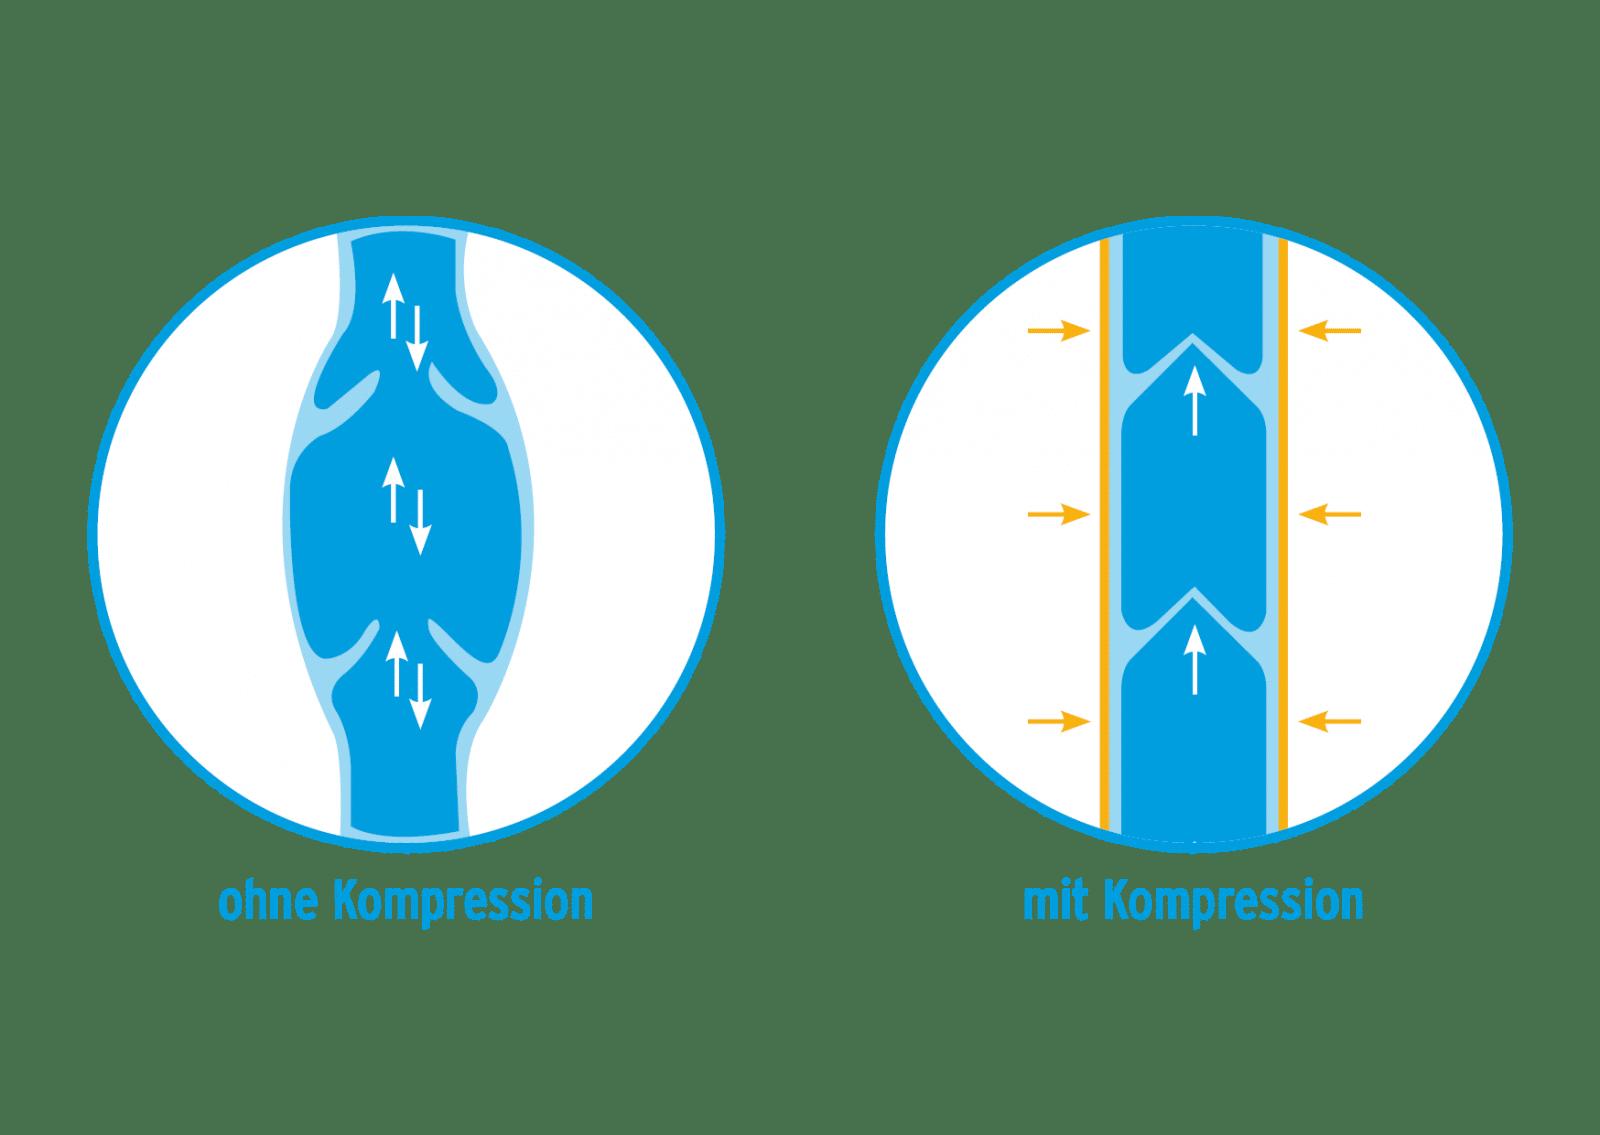 Kompressionstherapie bei Venenerkrankungen